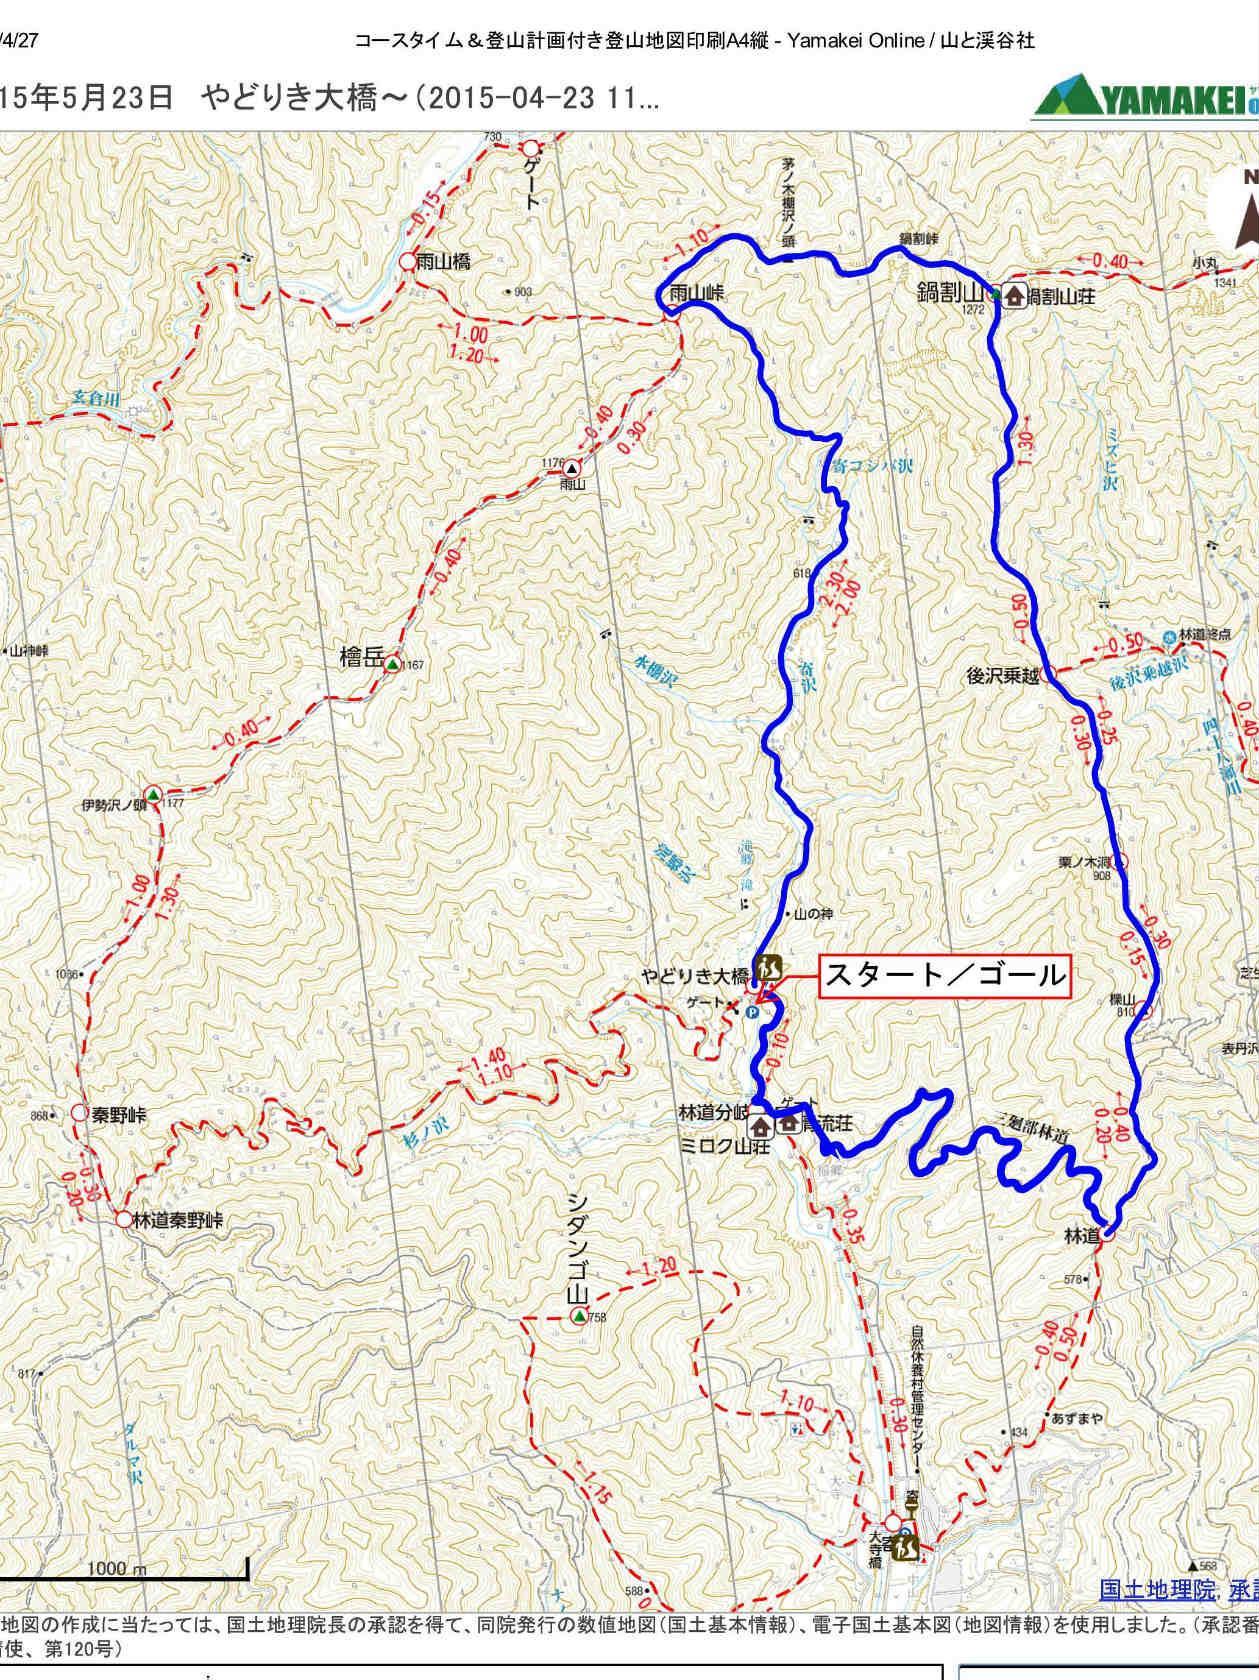 s1-コースタイム&登山計画付き登山地図(2)